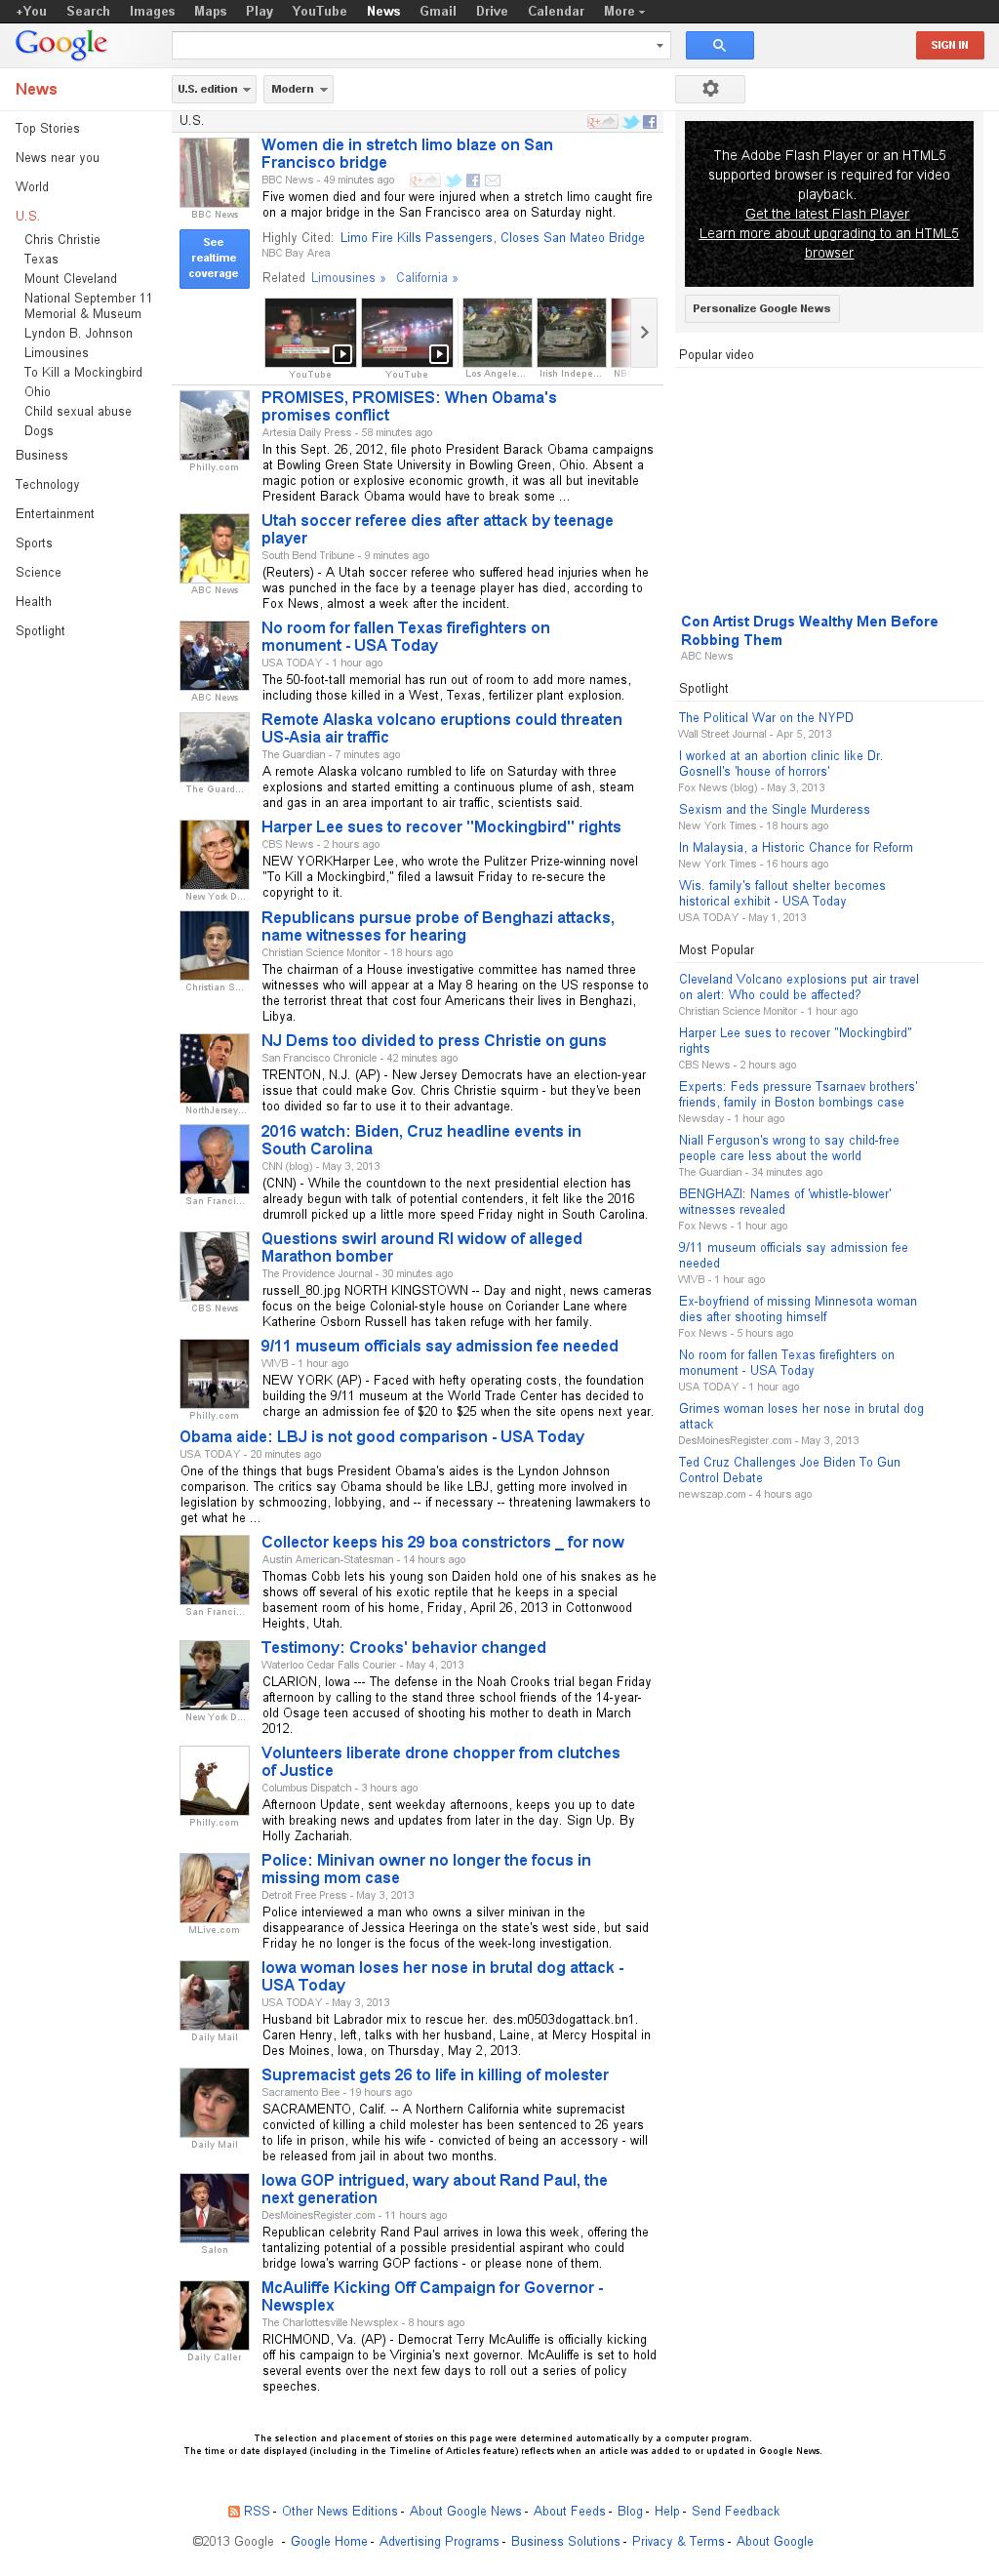 Google News: U.S. at Sunday May 5, 2013, 2:09 p.m. UTC